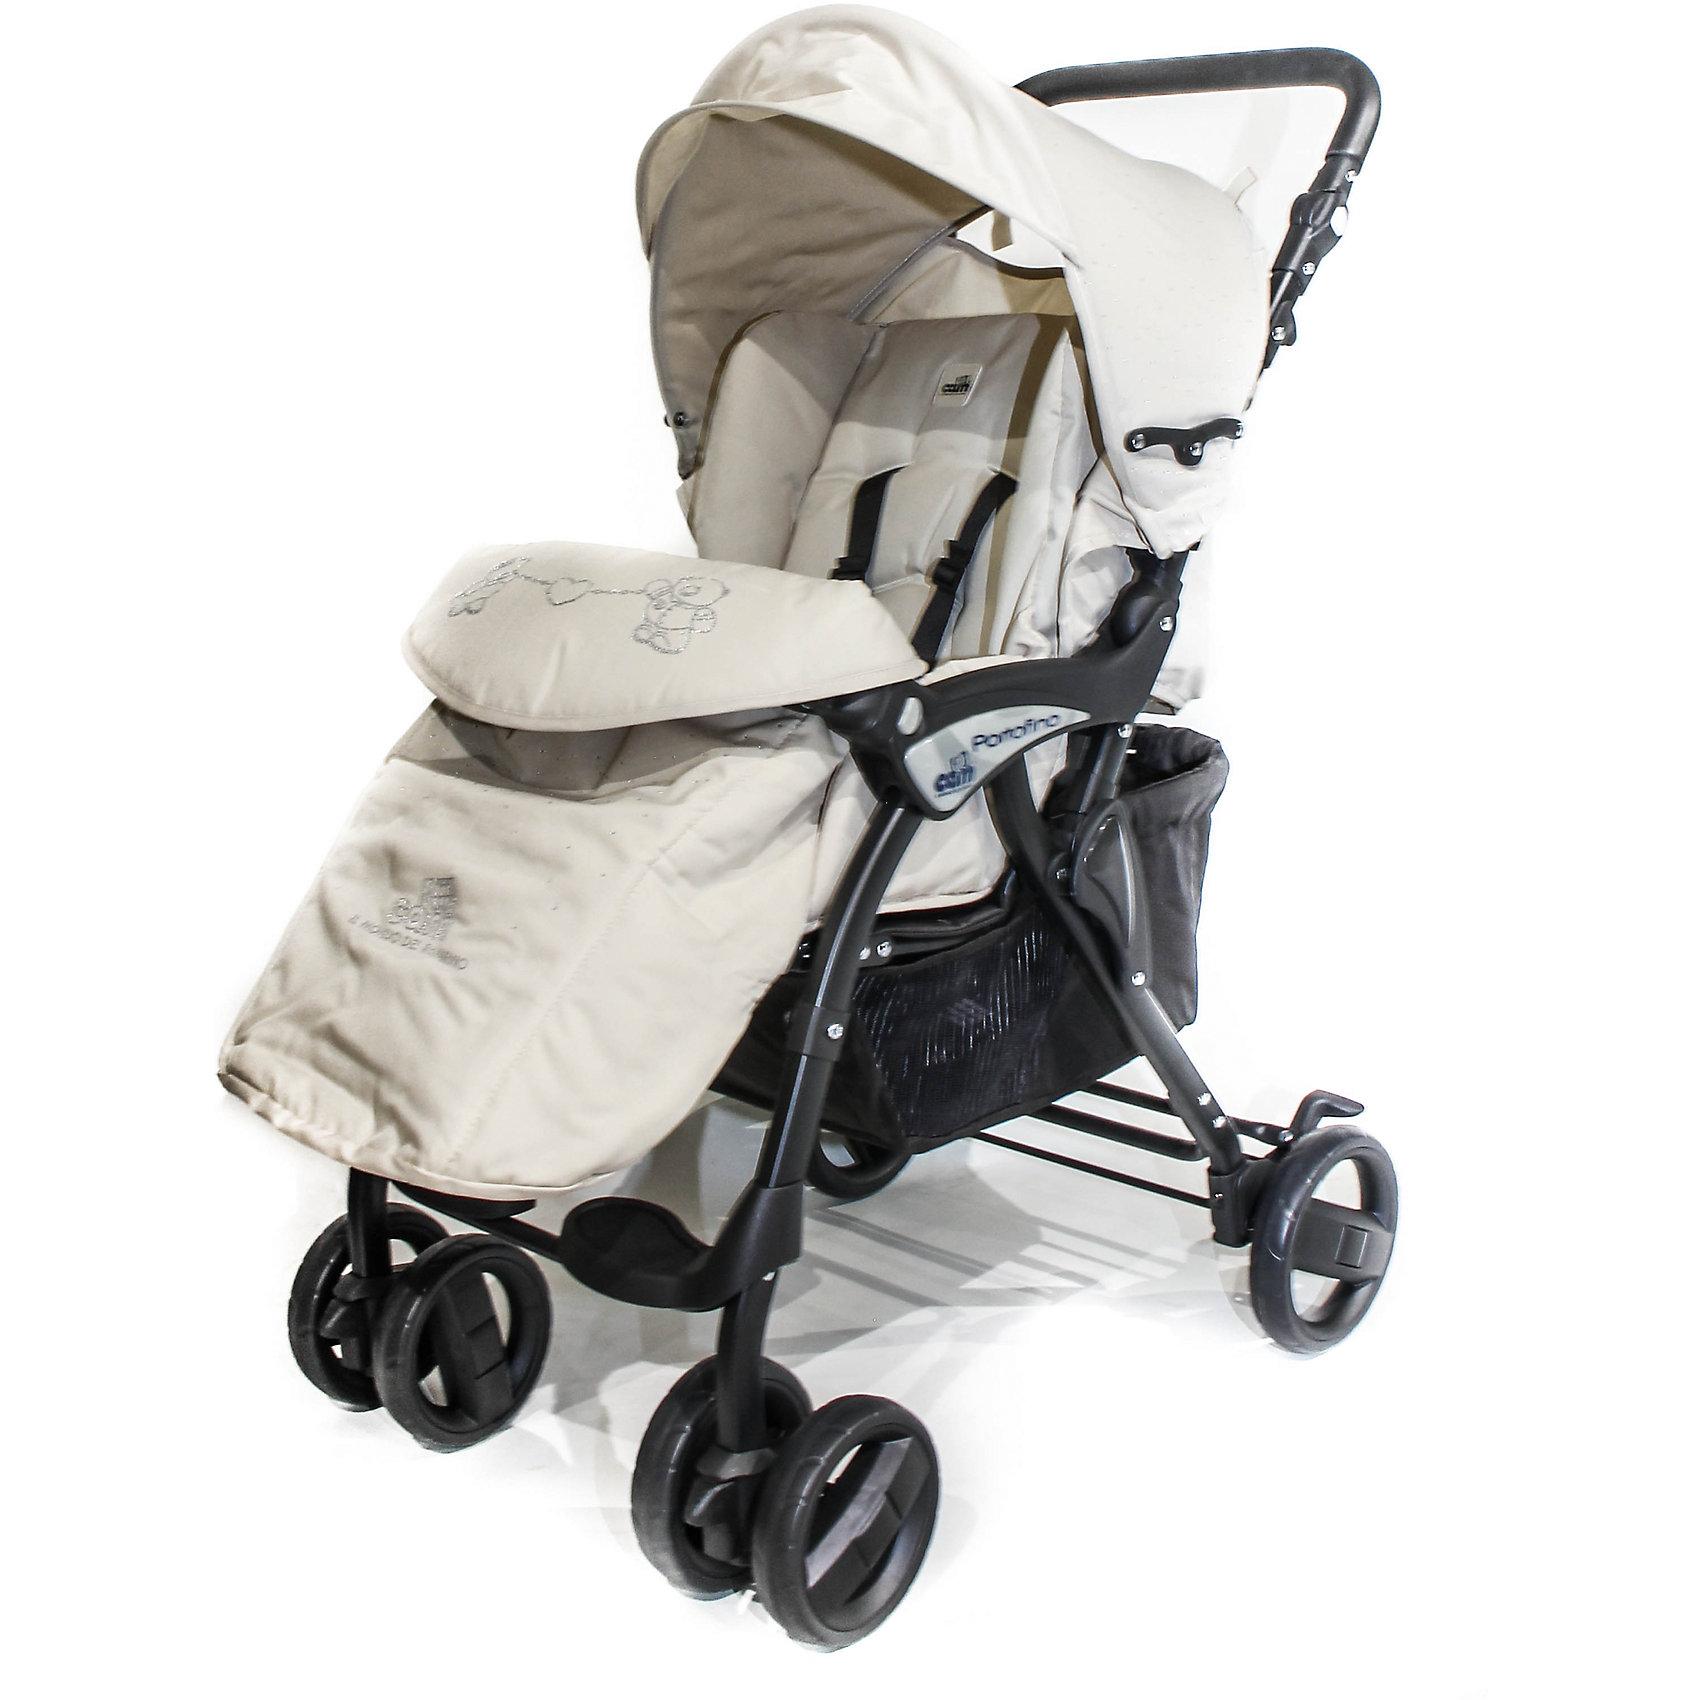 Прогулочная коляска CAM Portofino Ex с кристаллами, кремовыйПрогулочные коляски<br>Характеристики прогулочной коляски <br><br>Прогулочный блок: <br><br>• 4 положения спинки, включая горизонтальное, угол наклона 160 градусов;<br>• регулируемая подножка;<br>• дополнительная пластиковая подножка для подросшего ребенка;<br>• глубокий капюшон с солнцезащитным козырьком и смотровым окошком;<br>• бампер отводится в сторону;<br>• встроенные 5-ти точечные ремни безопасности;<br>• съемные чехлы можно снять и постирать при температуре 30 градусов.<br><br>Шасси коляски:<br><br>• регулируемая по высоте ручка коляски;<br>• компактно складывается книжкой;<br>• есть ручка для переноски коляски в сложенном виде;<br>• автоматическая блокировка в сложенном виде;<br>• устойчивое вертикальное положение в сложенном состоянии коляски;<br>• передние поворотные колеса с блокировкой;<br>• ножной тормоз – блокирует сразу оба задних колеса;<br>• амортизация;<br>• глубокая корзина для покупок;<br>• материал: алюминий, пластик, полиэстер.<br><br>Дополнительные аксессуары, входящие в комплект:<br><br>• чехол на ножки;<br>• дождевик;<br>• инструкция.<br><br>Размер коляски: 80x49x100 см<br>Размер коляски в сложенном виде: 50x39x83 см<br>Вес коляски: 7,6 кг<br>Размер упаковки: 74,5х43,2х21 см<br>Вес в упаковке: 8,5 кг<br><br>Прогулочную коляску Portofino Ex с кристаллами, CAM, цвет кремовый можно купить в нашем интернет-магазине.<br><br>Ширина мм: 743<br>Глубина мм: 432<br>Высота мм: 210<br>Вес г: 8500<br>Возраст от месяцев: 0<br>Возраст до месяцев: 36<br>Пол: Унисекс<br>Возраст: Детский<br>SKU: 5607561